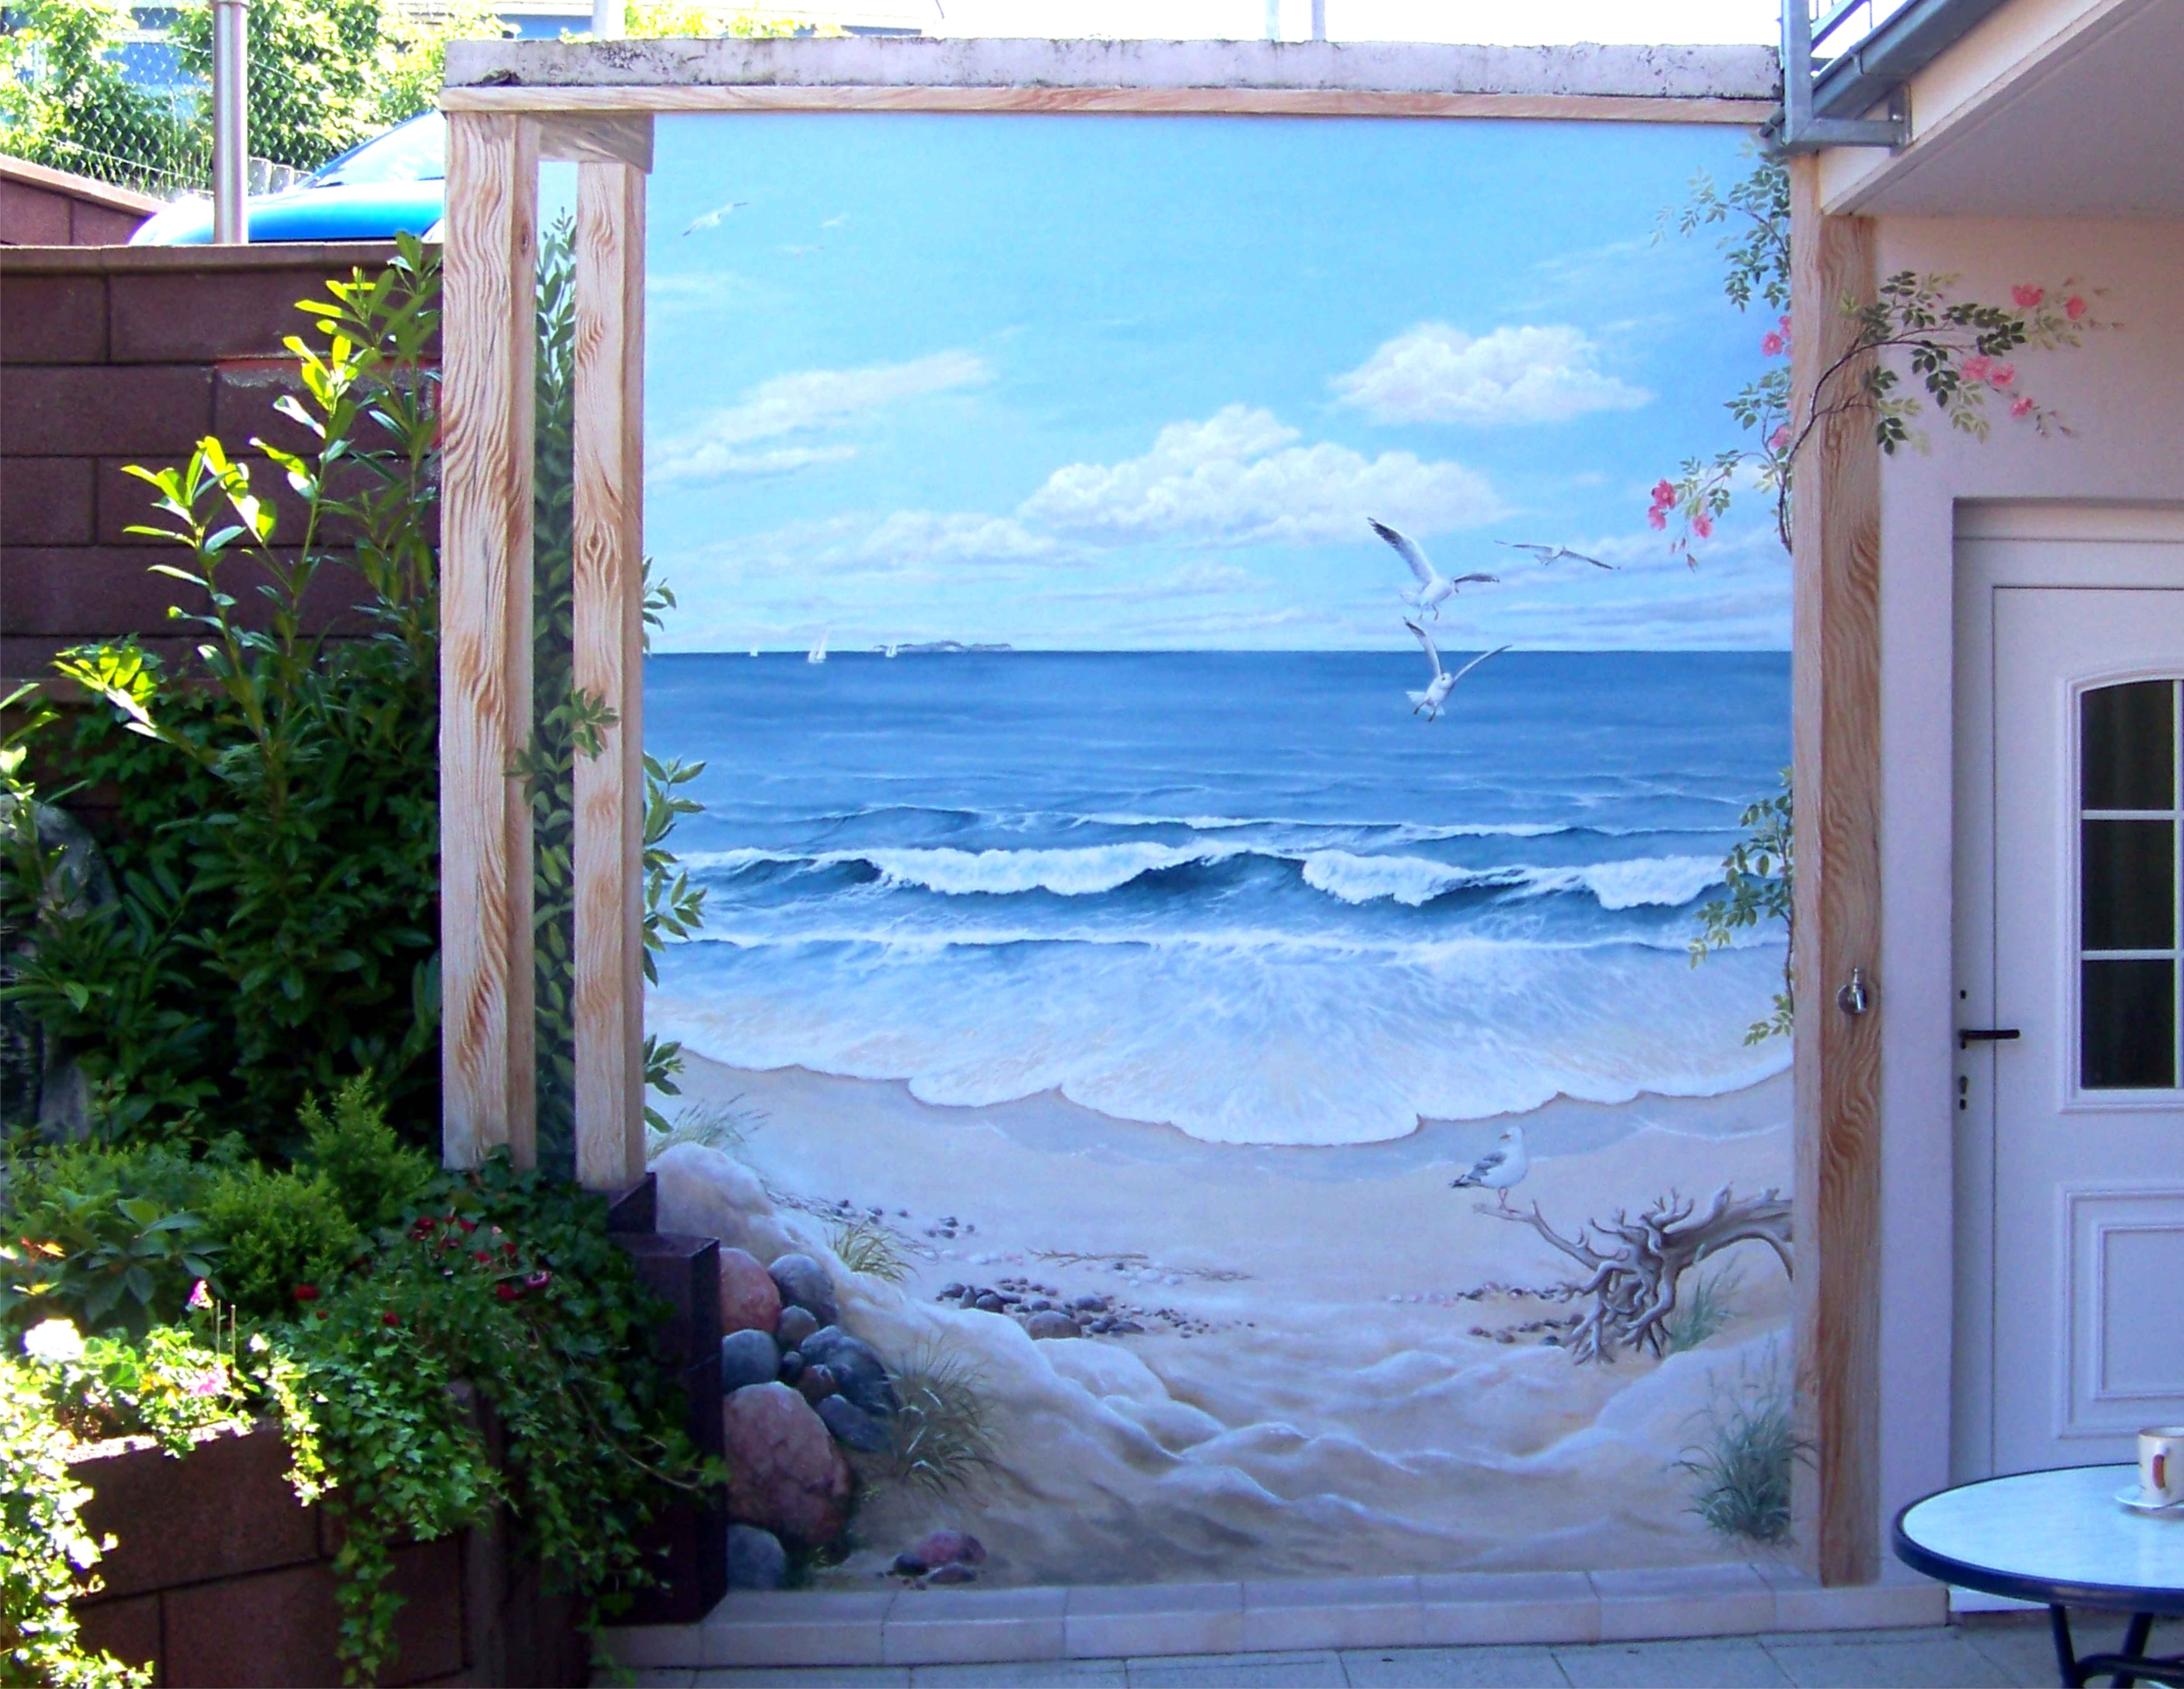 Strand auf der Terrasse | Wandmalerei meine Bilder | Pinterest ...